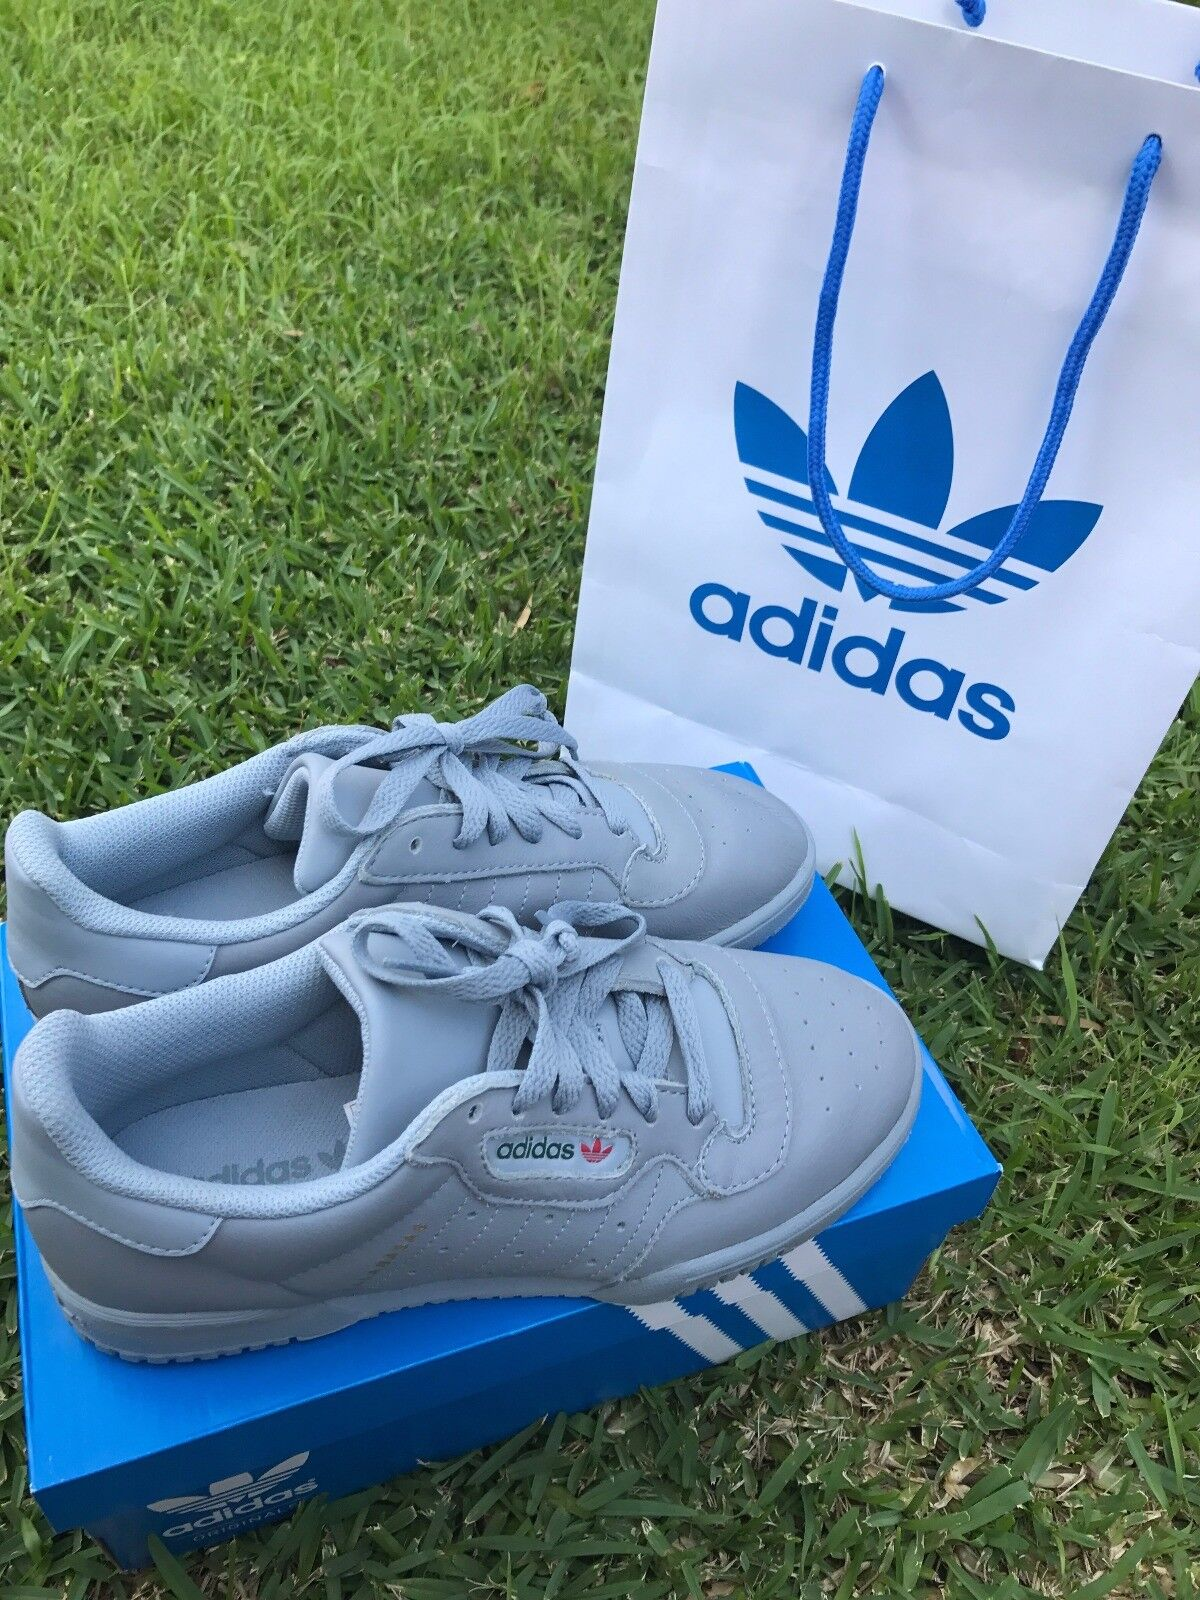 Adidas Yeezy Powerphase Grey - Size 5.5 US